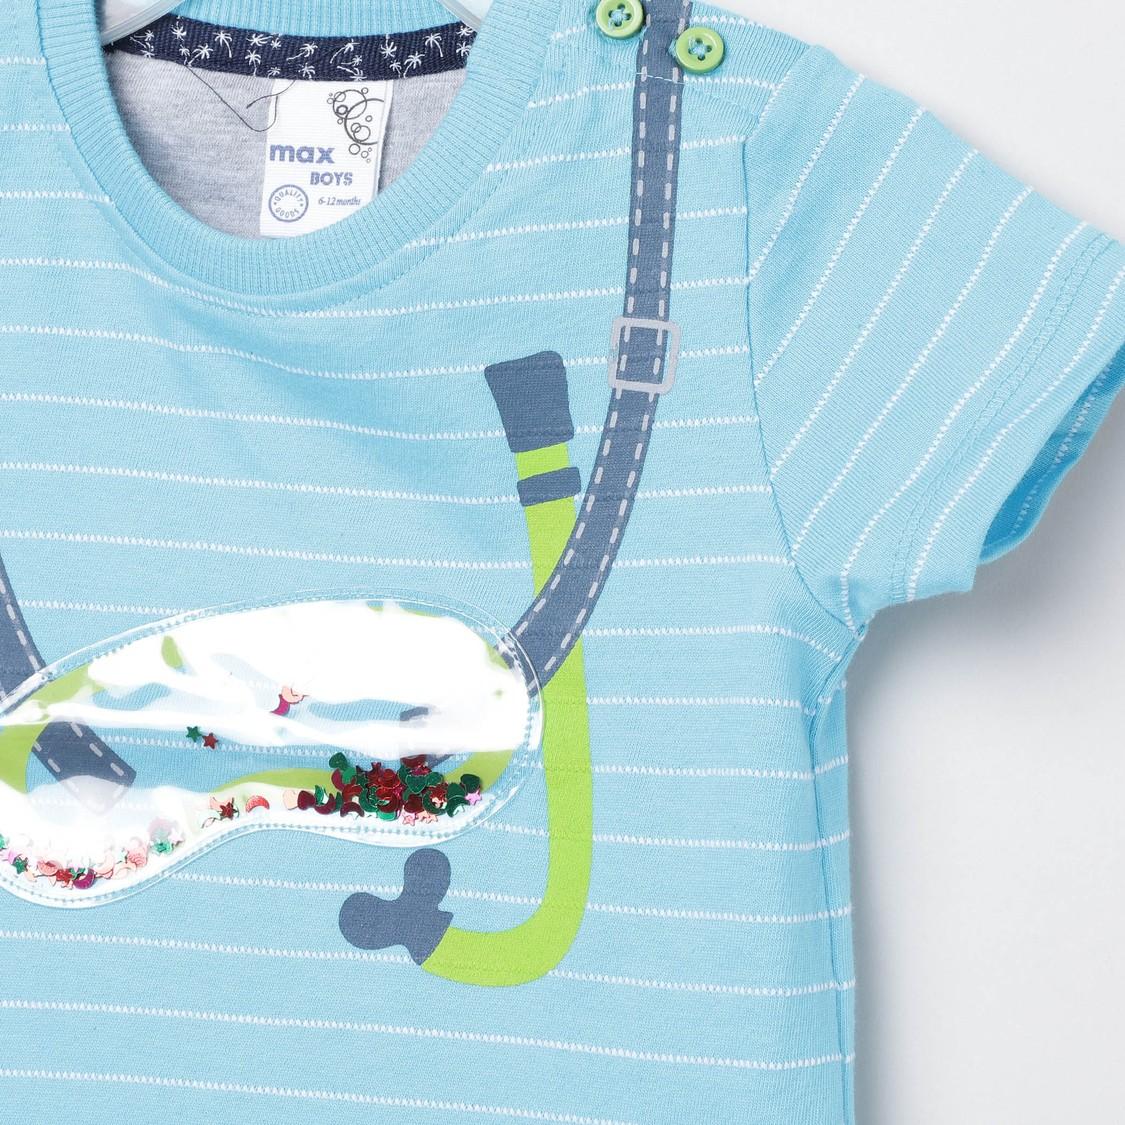 MAX Round Neck Printed T-Shirt